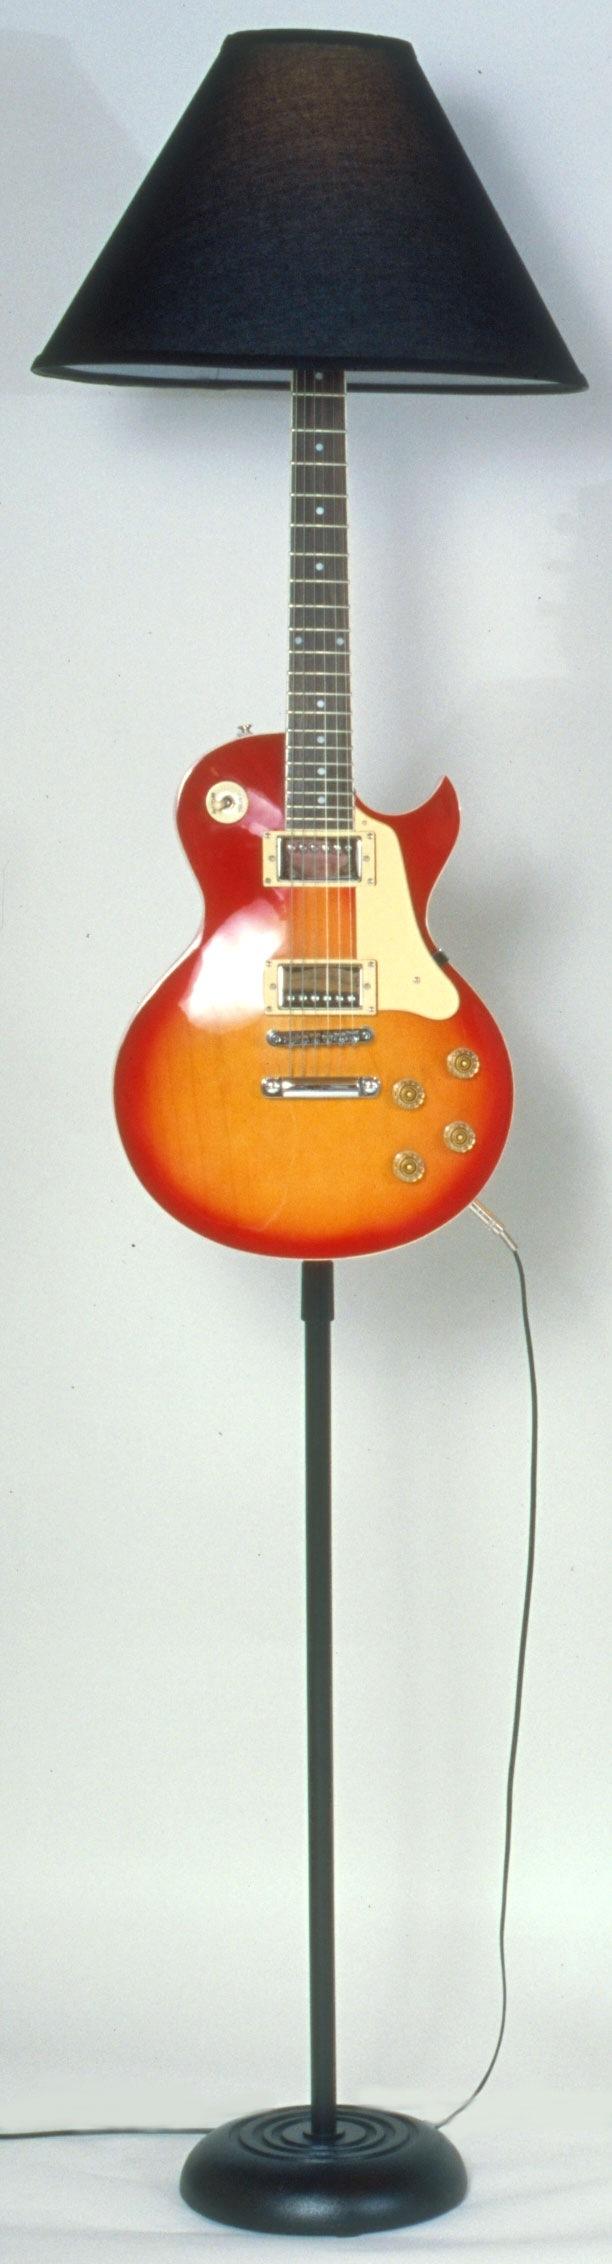 Les Paul Model Guitar Lamp Lamp Design